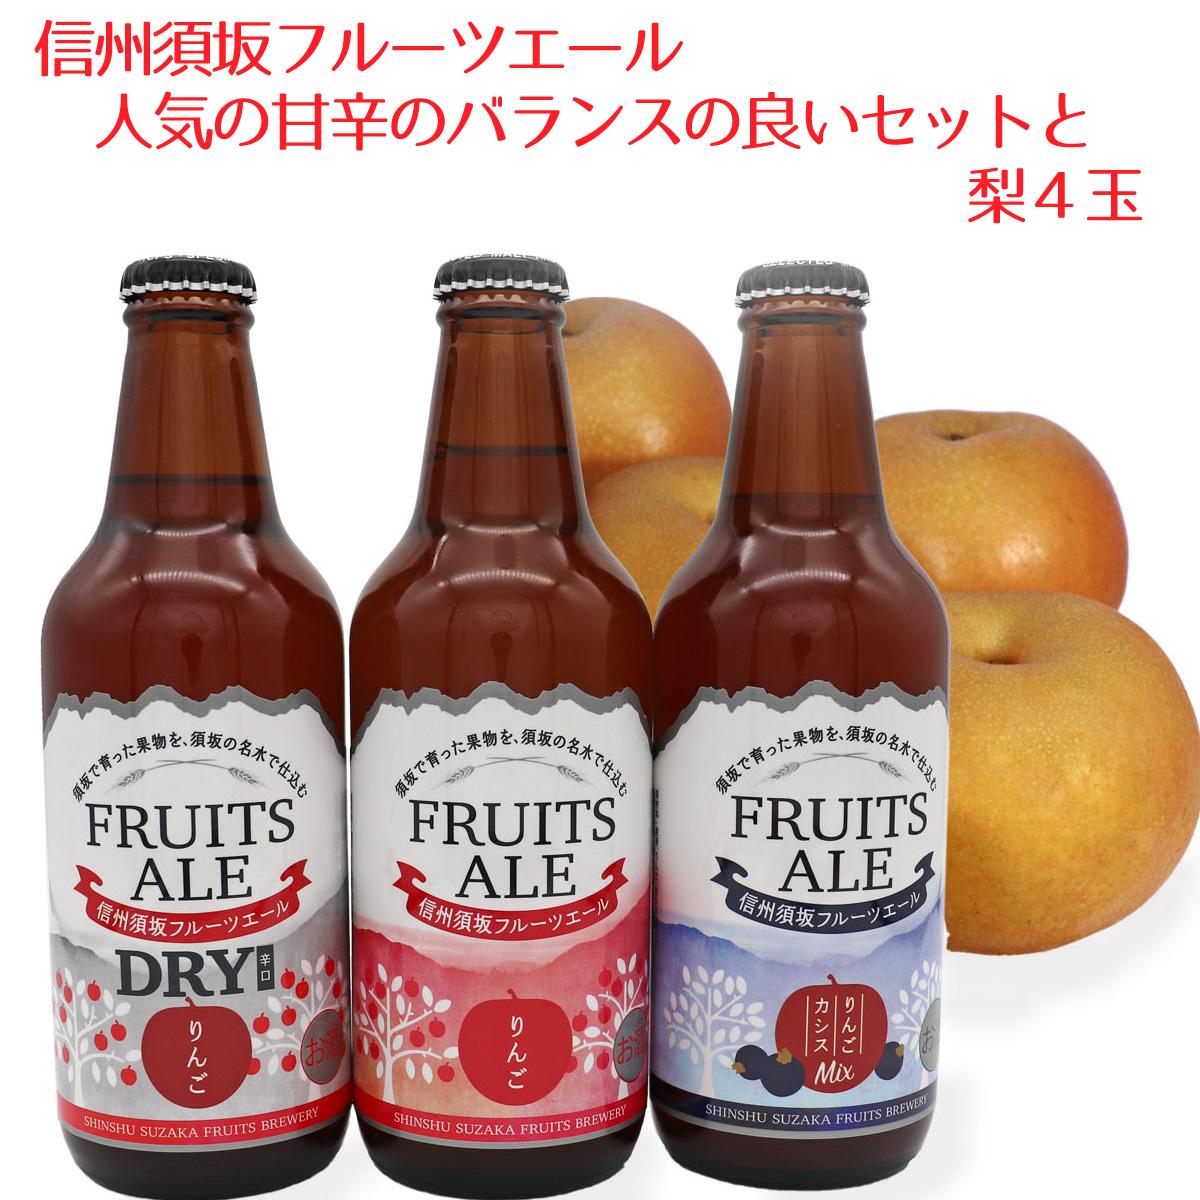 【ふるさと納税】信州須坂フルーツエールバランスの良い人気甘辛3種類・梨4個セット【お酒・フルーツビール・梨】